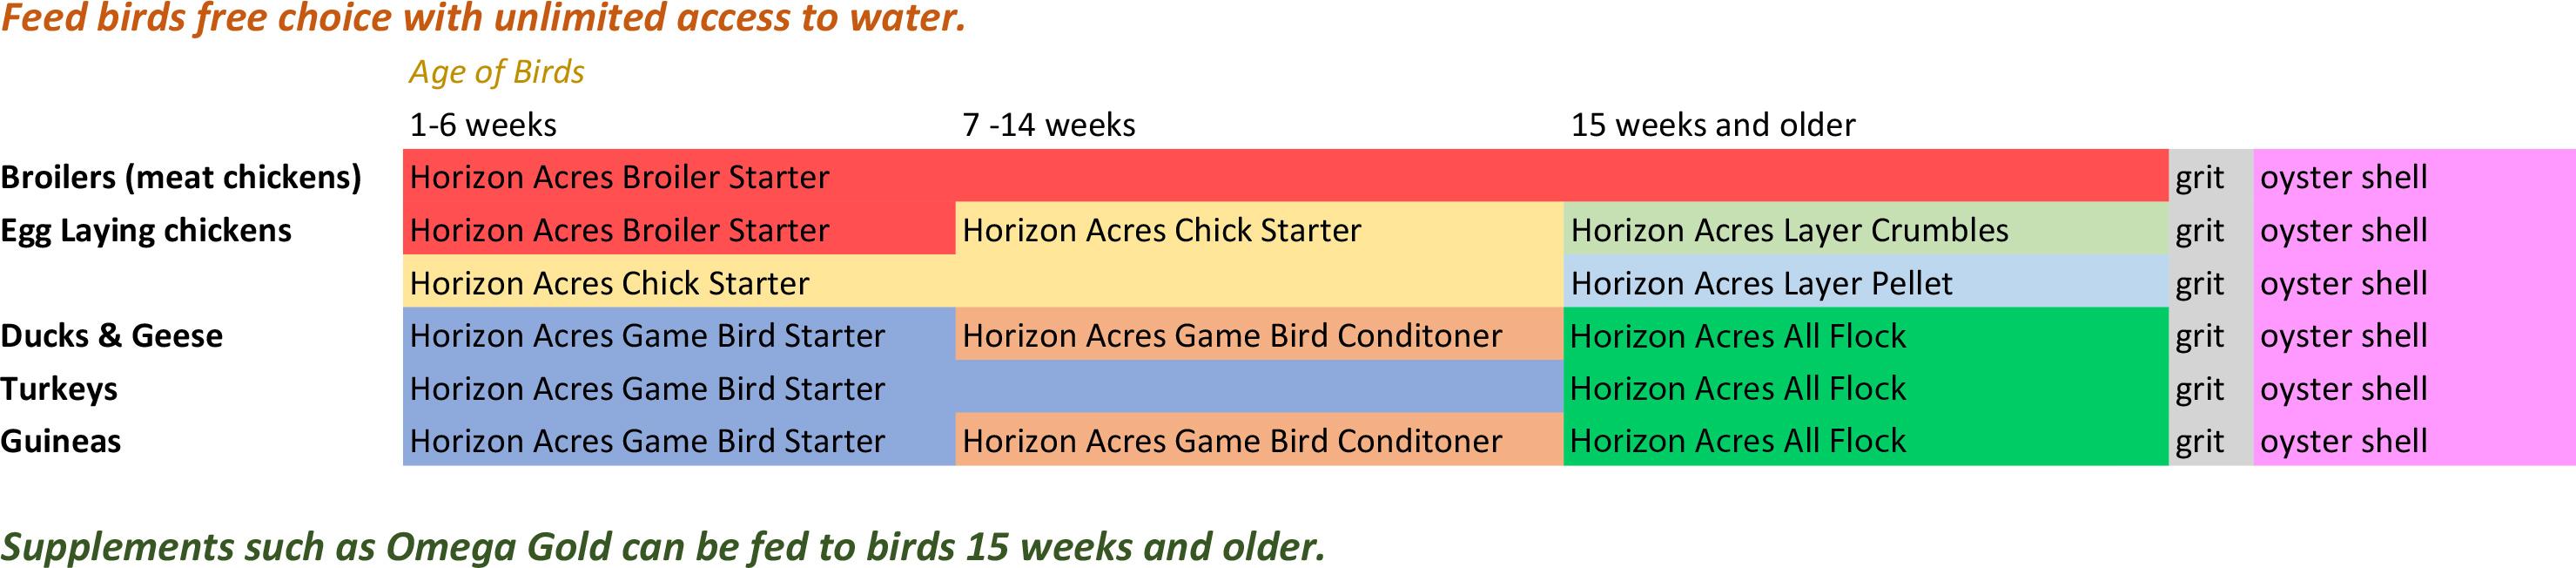 Horizona Acres feeding guidelines